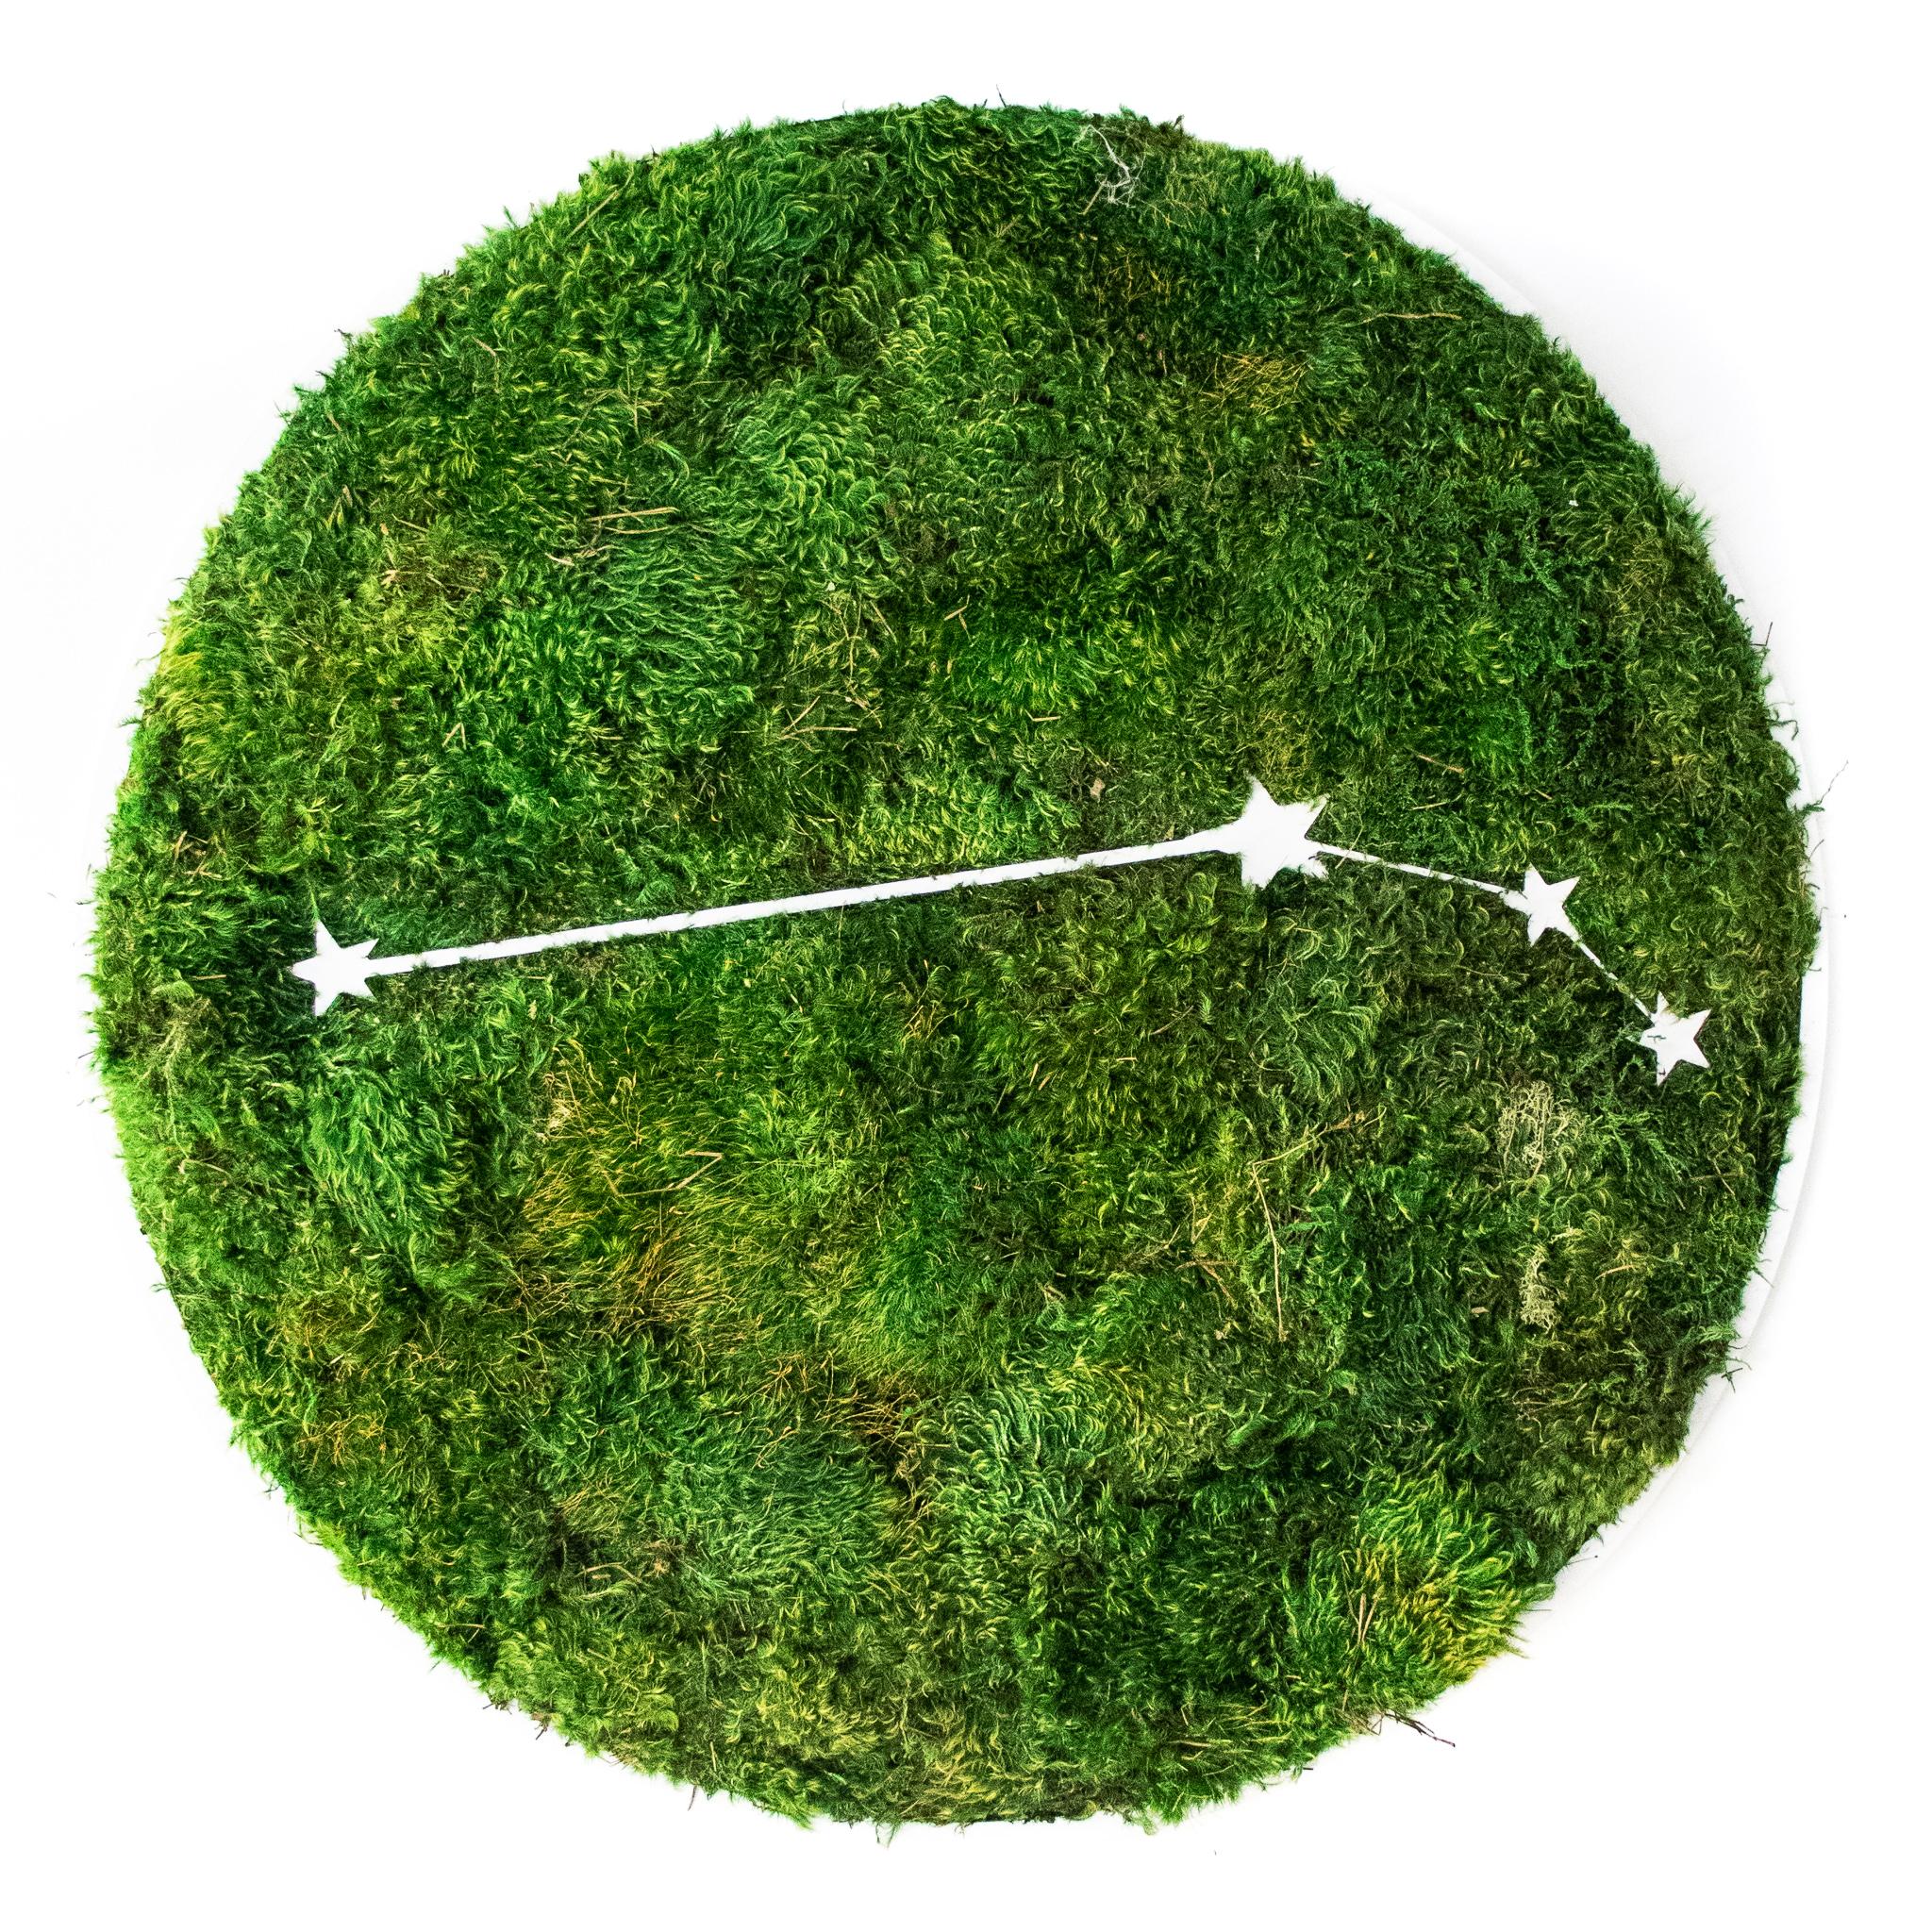 """Aries Constellation - Moss Wall Art (30"""" Diameter)"""